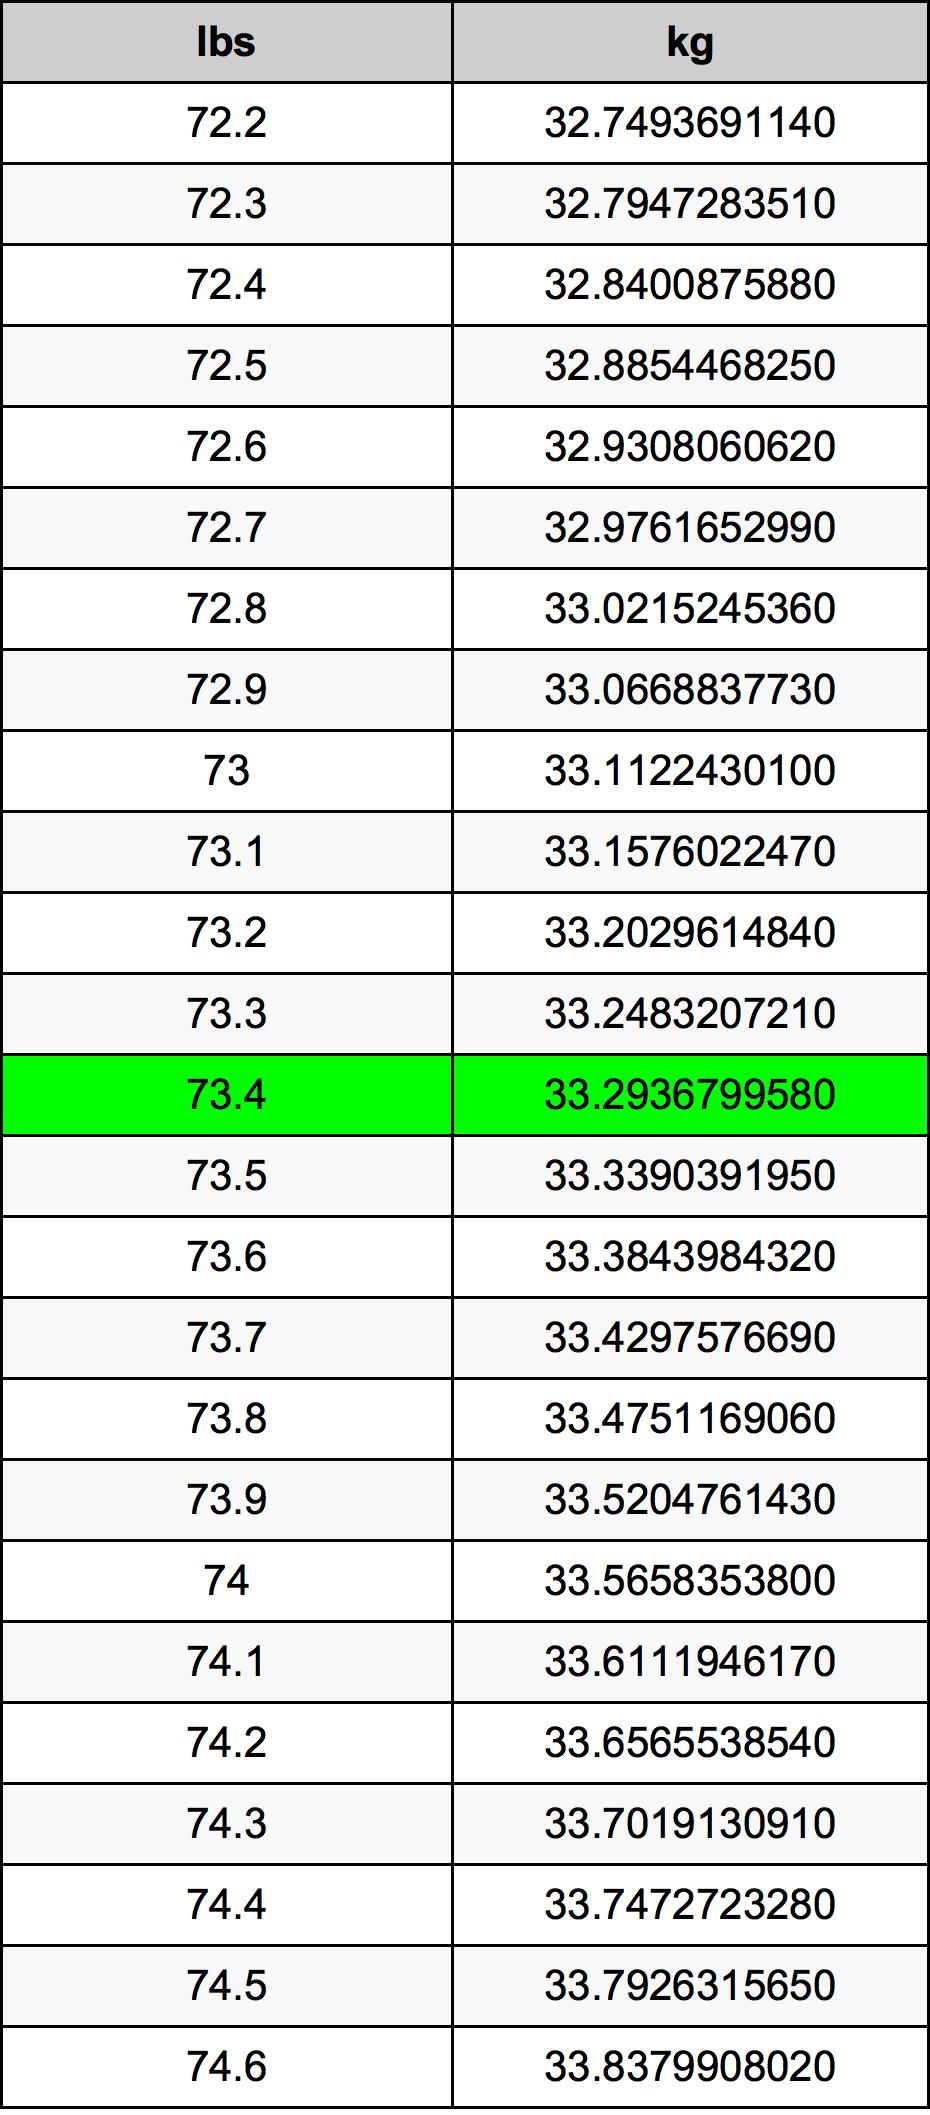 73.4 رطل جدول تحويل